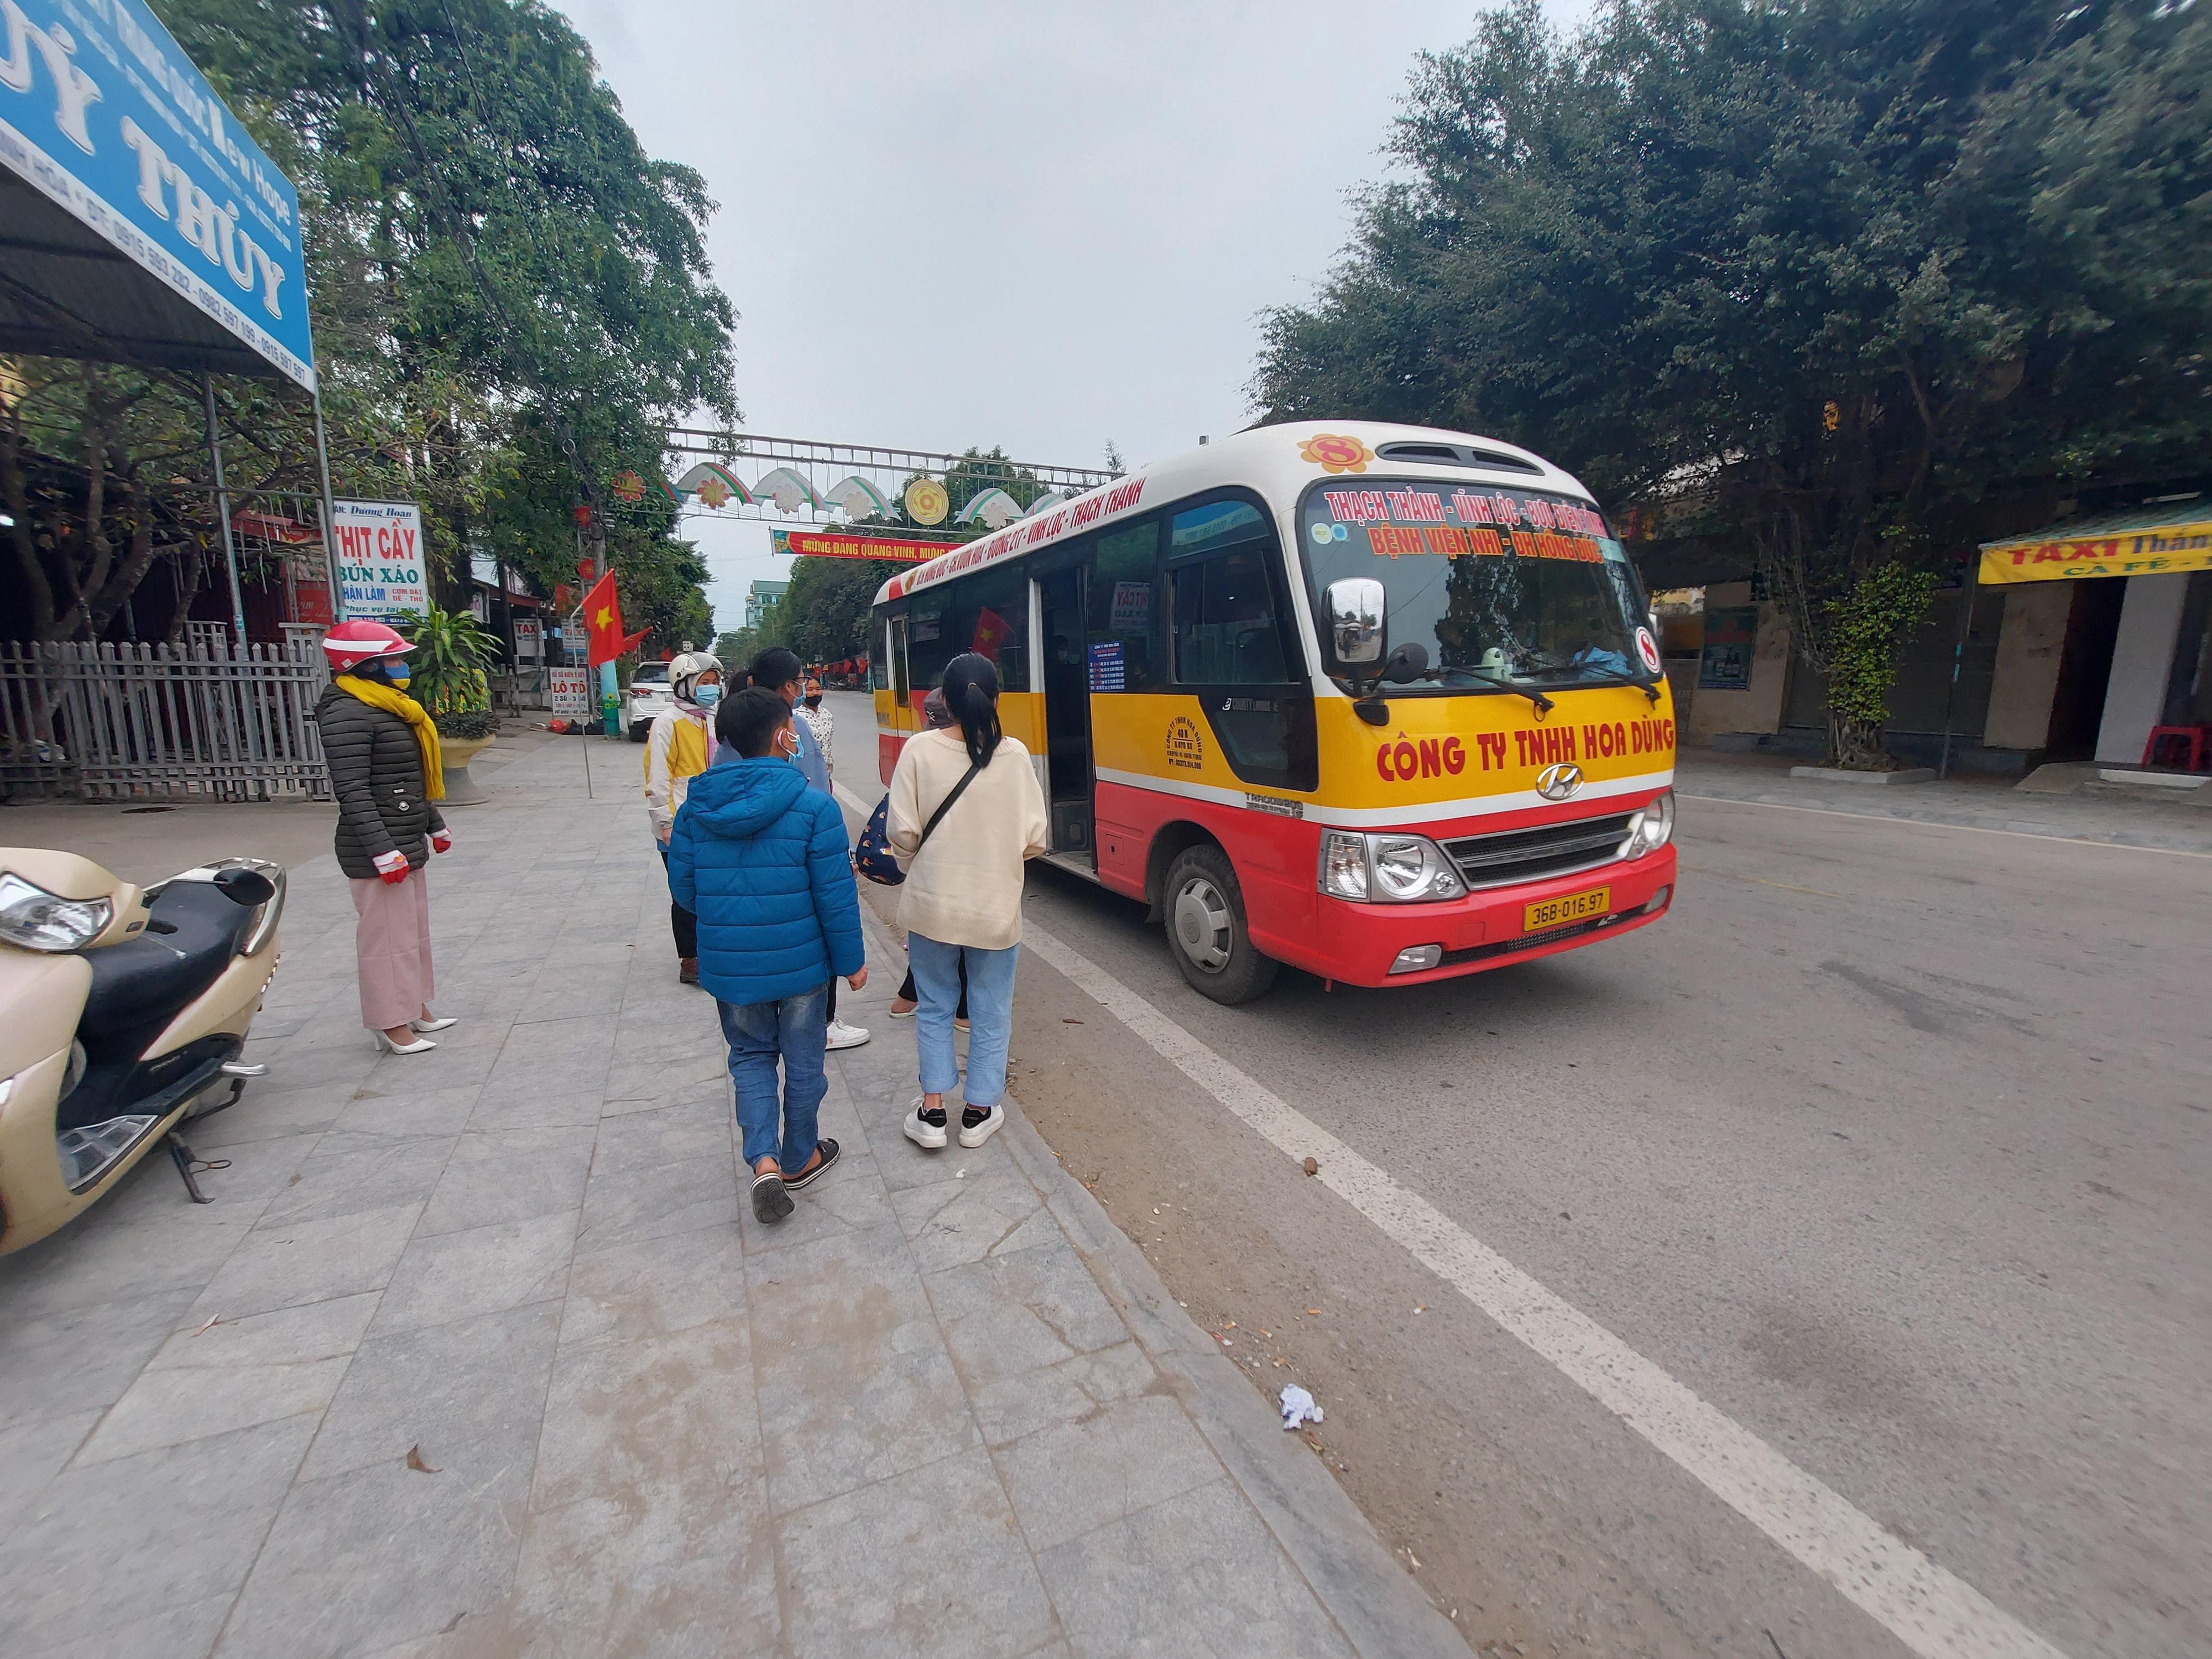 Xe buýt Hoa Dũng đón, trả khách tại nơi không có biển báo, vạch kẻ đường Ảnh 2